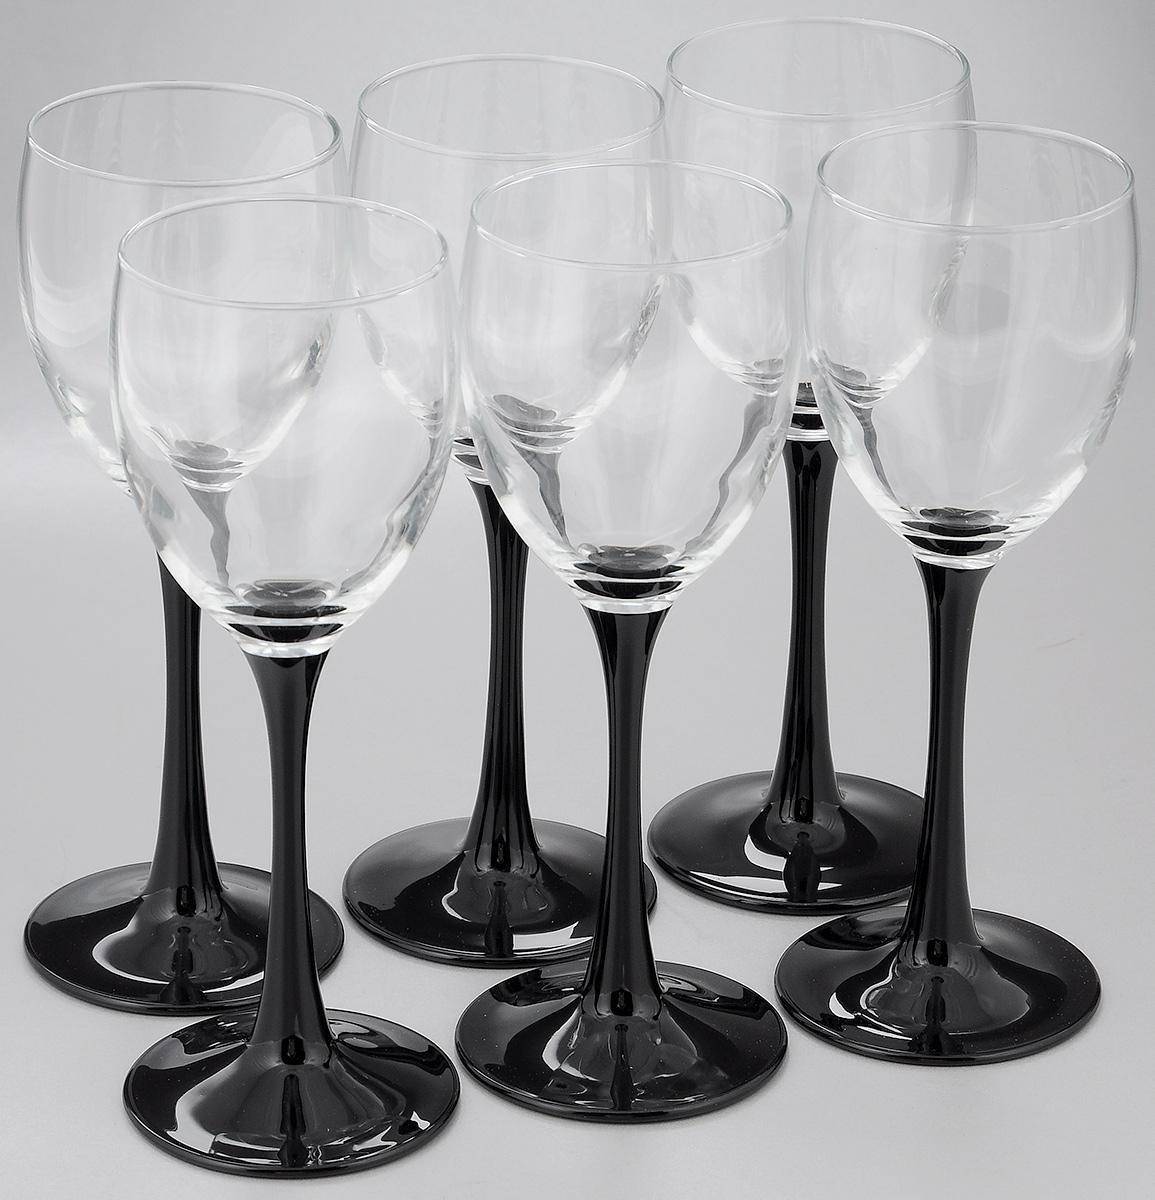 Набор фужеров Luminarc Domino, 190 мл, 6 штJ0042Набор Luminarc Domino состоит из шести фужеров, выполненных из прочного стекла. Изделия оснащены высокими ножками и предназначены для подачи вина. Они сочетают в себе элегантный дизайн и функциональность. Набор фужеров Luminarc Domino прекрасно оформит праздничный стол и создаст приятную атмосферу за романтическим ужином. Такой набор также станет хорошим подарком к любому случаю. Можно мыть в посудомоечной машине.Диаметр фужера (по верхнему краю): 6 см. Высота фужера: 18,5 см.Диаметр основания: 7 см.